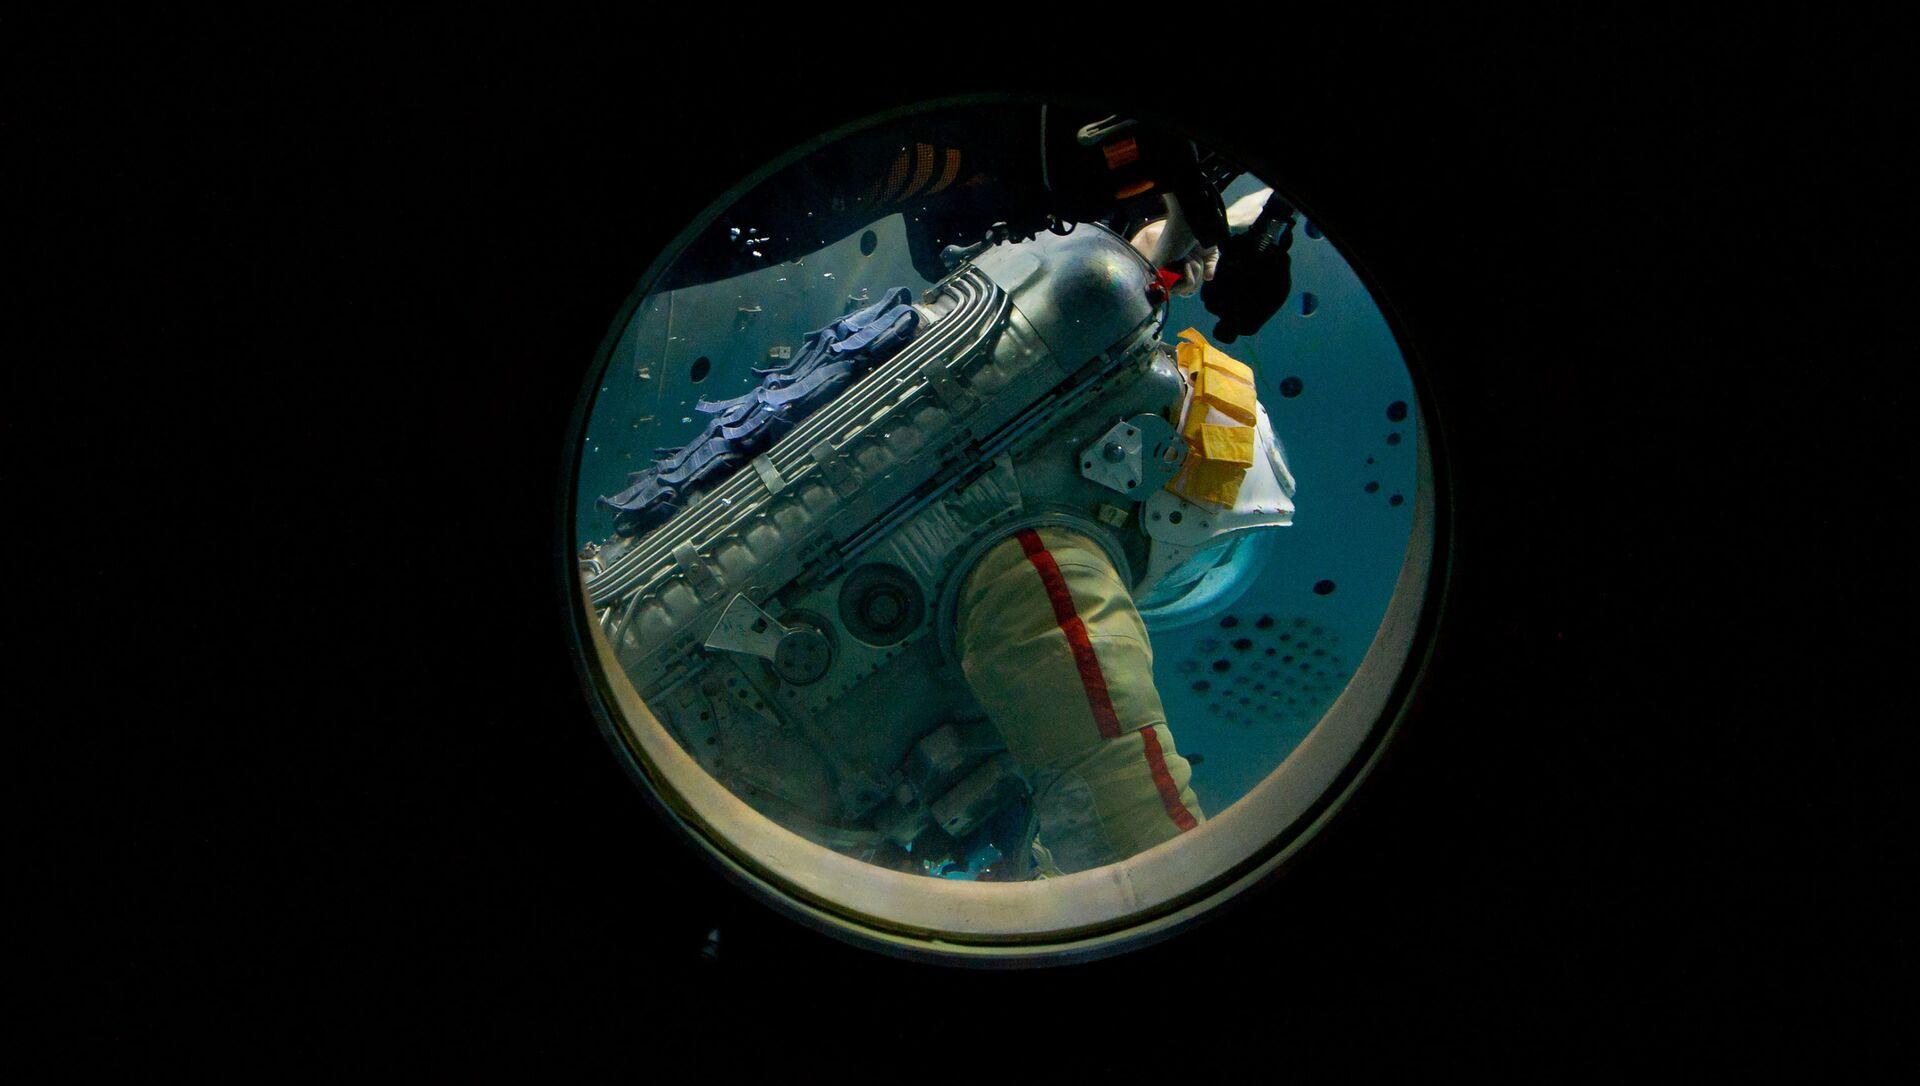 El cosmonauta de Roscosmos Oleg Artémiev durante el entrenamiento de una caminata espacial en el hidrolaboratorio del Centro de Entrenamiento de Cosmonautas Yuri Gagarin (archivo) - Sputnik Mundo, 1920, 09.07.2020